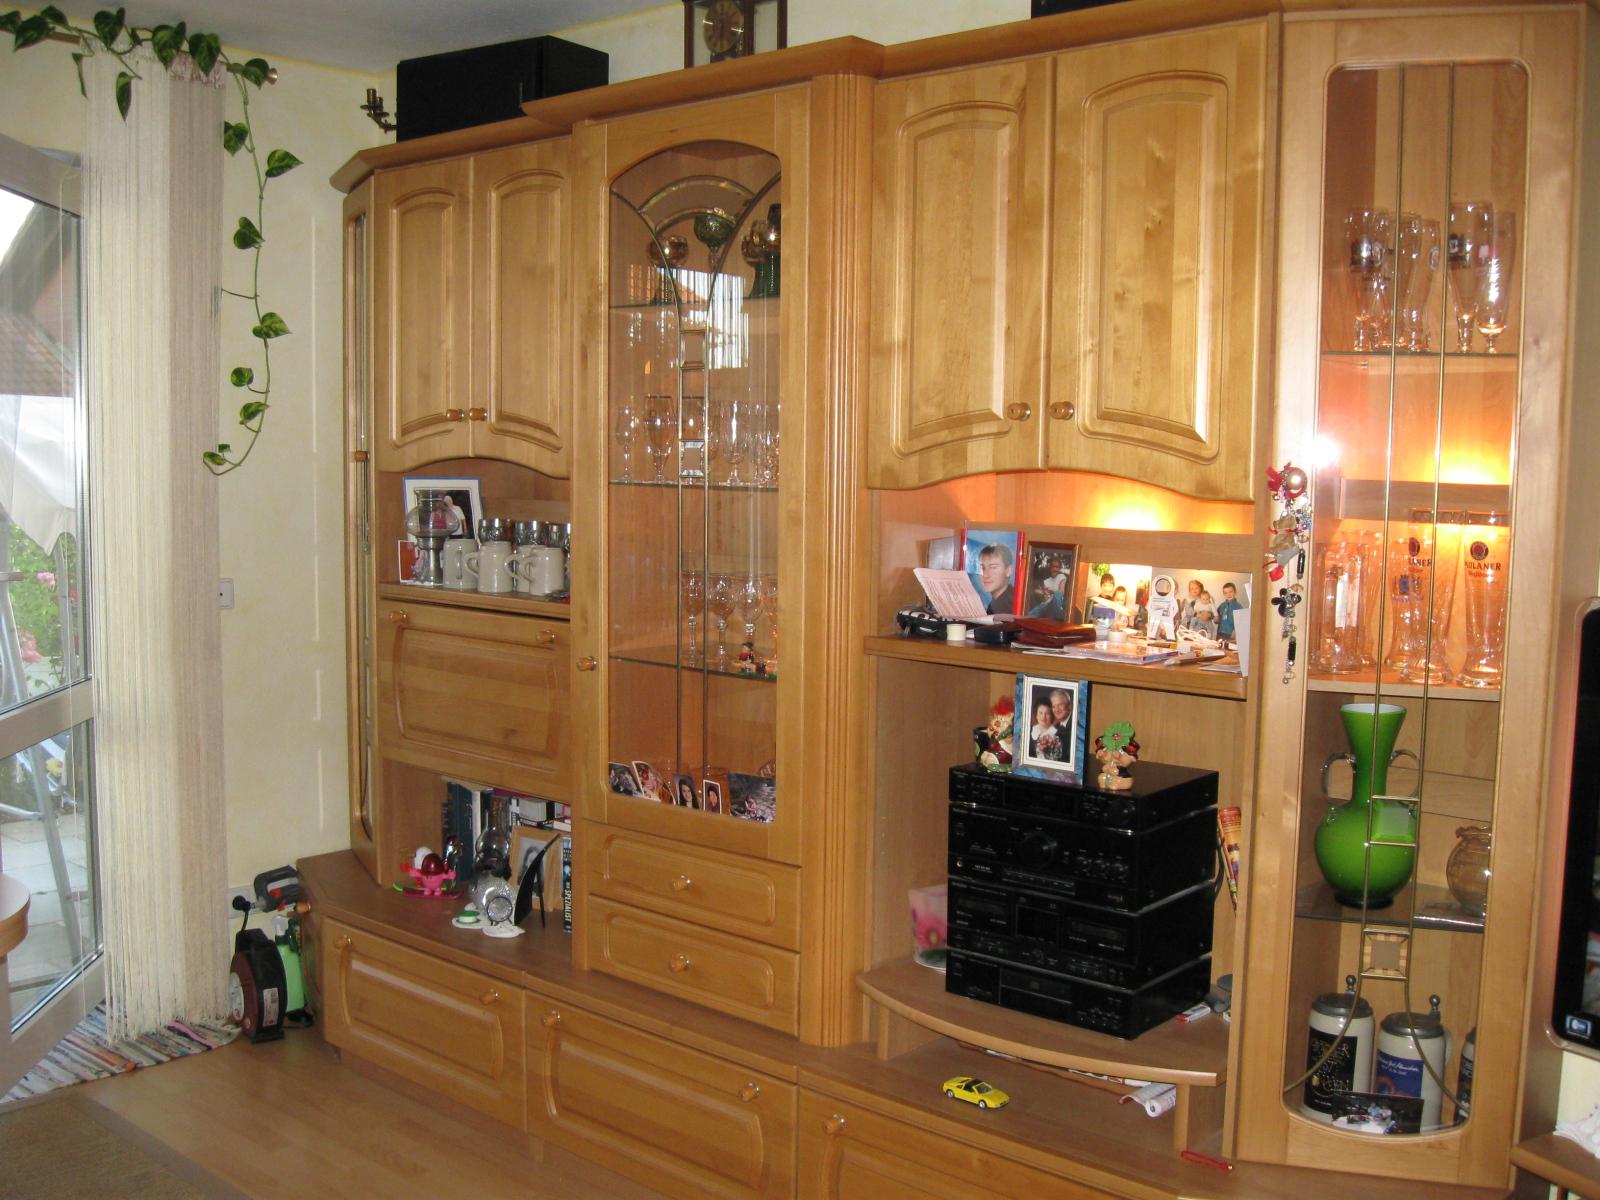 m bel und haushalt kleinanzeigen in m nchen seite 1. Black Bedroom Furniture Sets. Home Design Ideas